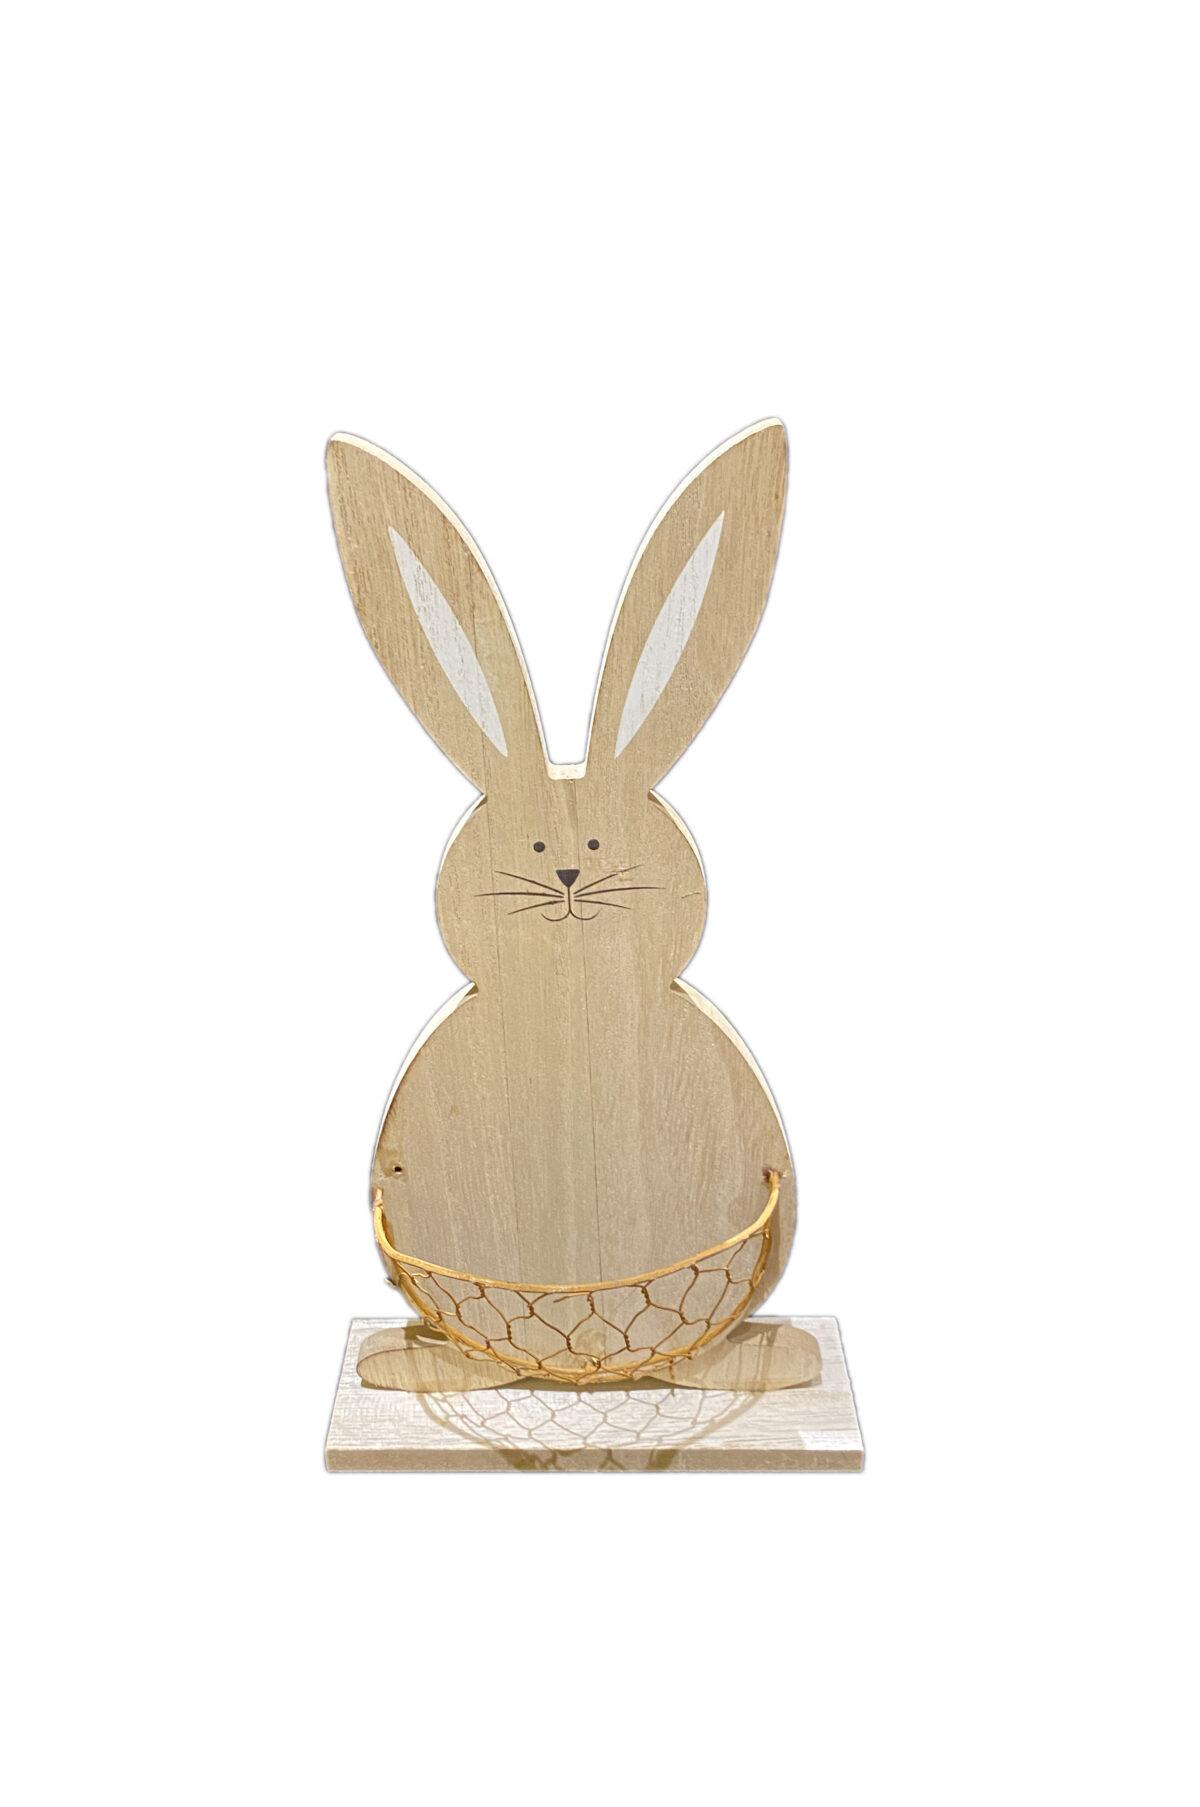 Coniglio decorativo soprammobile - segnaposto con base in legno e con contenitore in metallo sulla pancia 12 cm